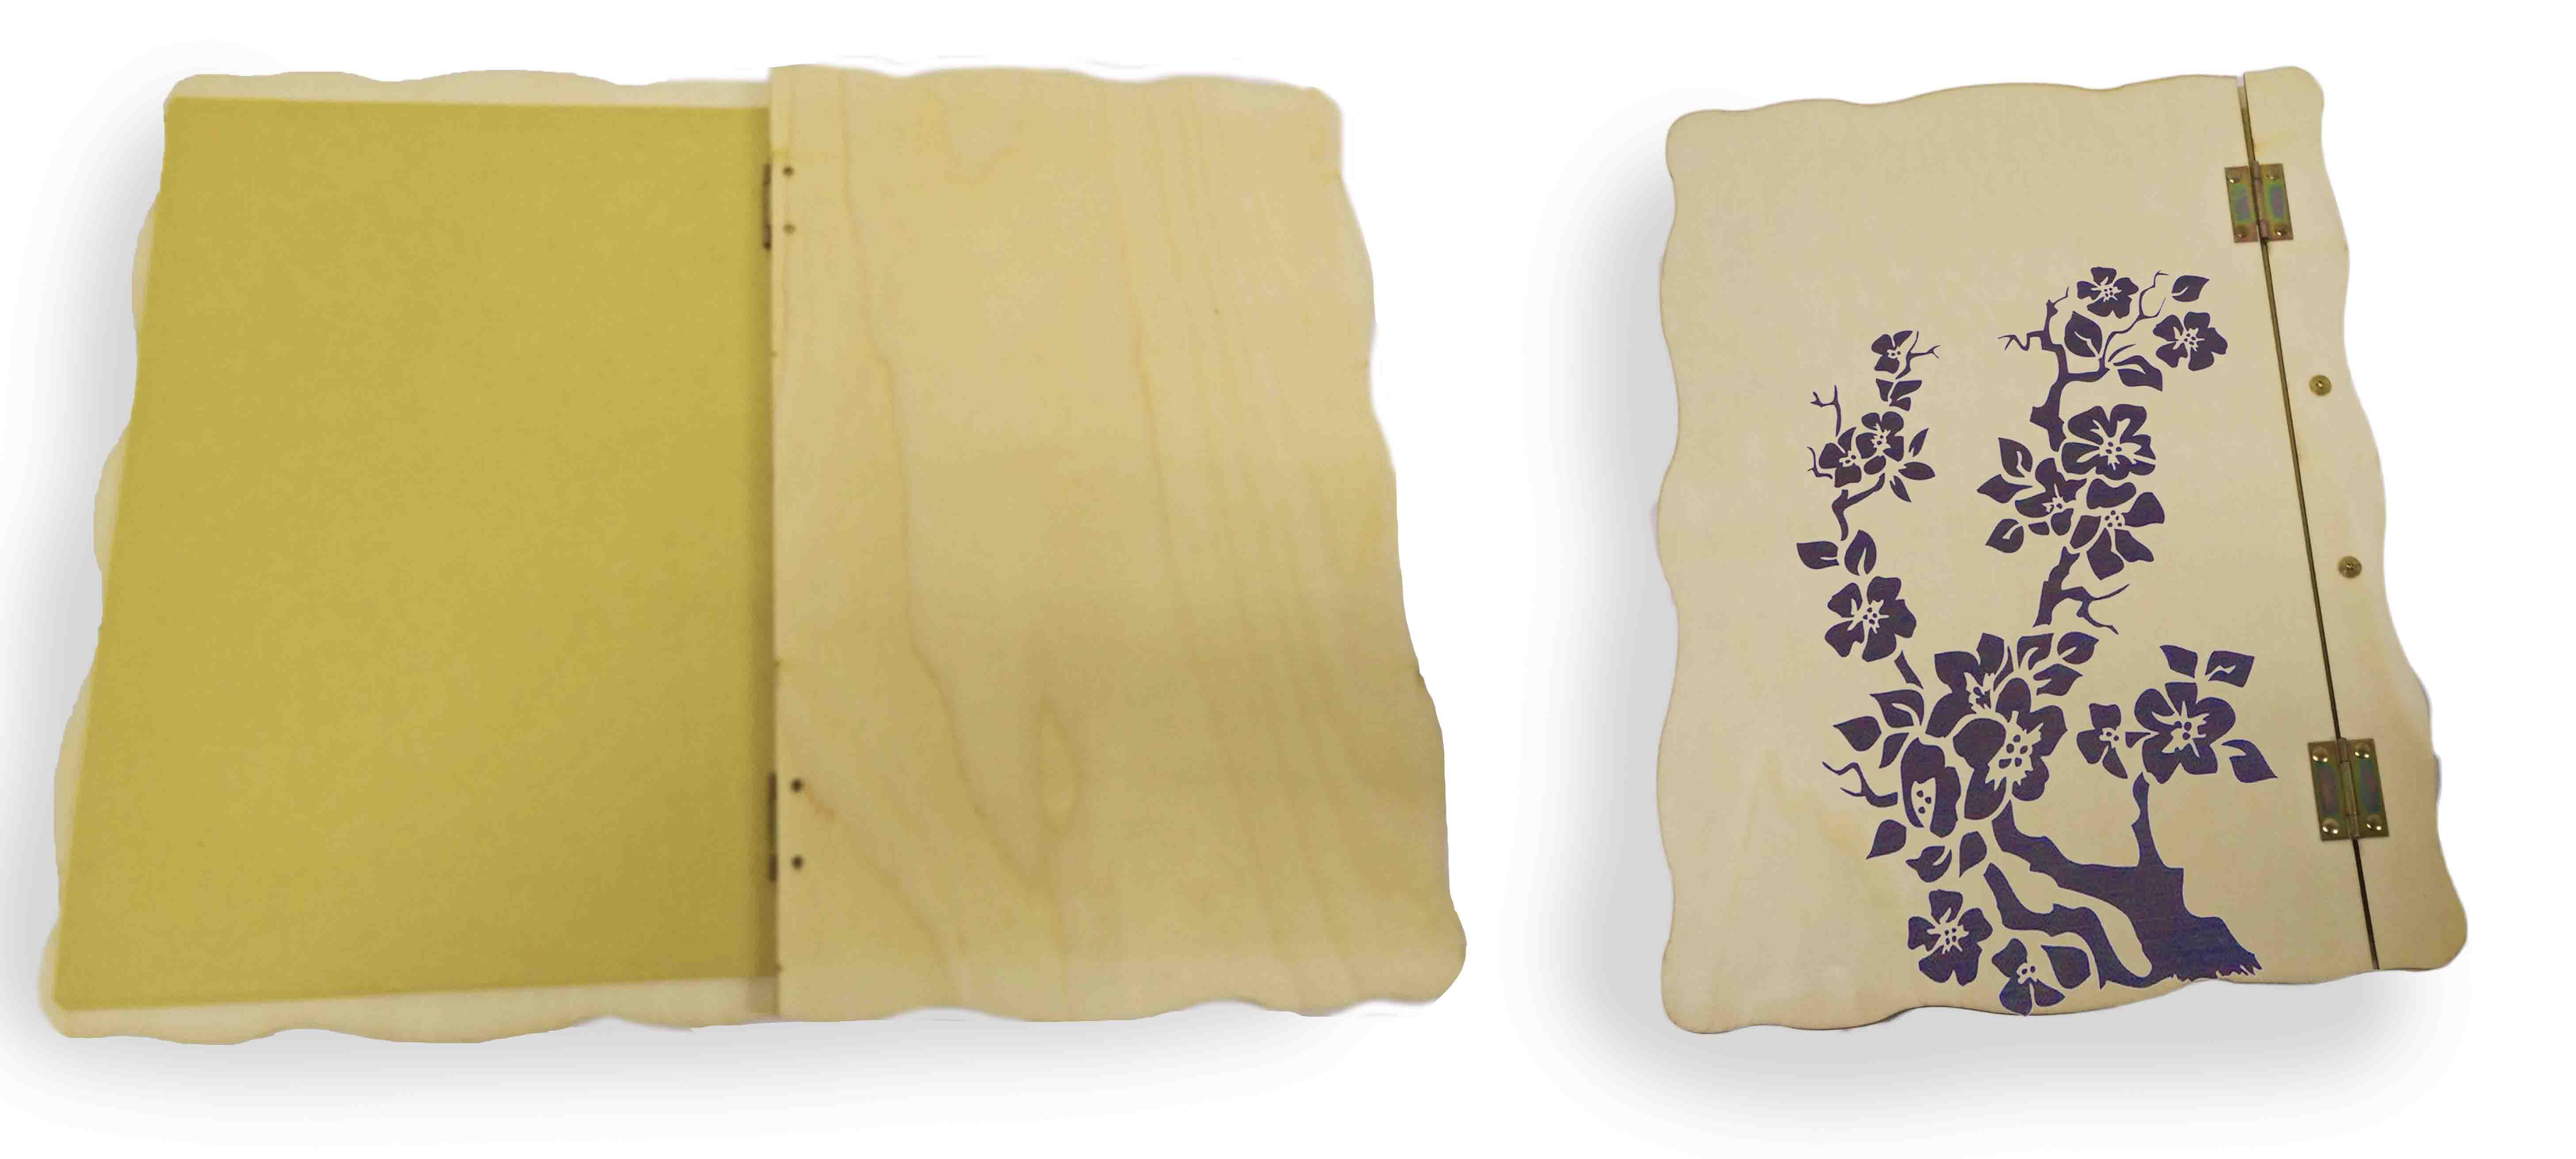 אלבום עץ | אלבום תמונות מעץ